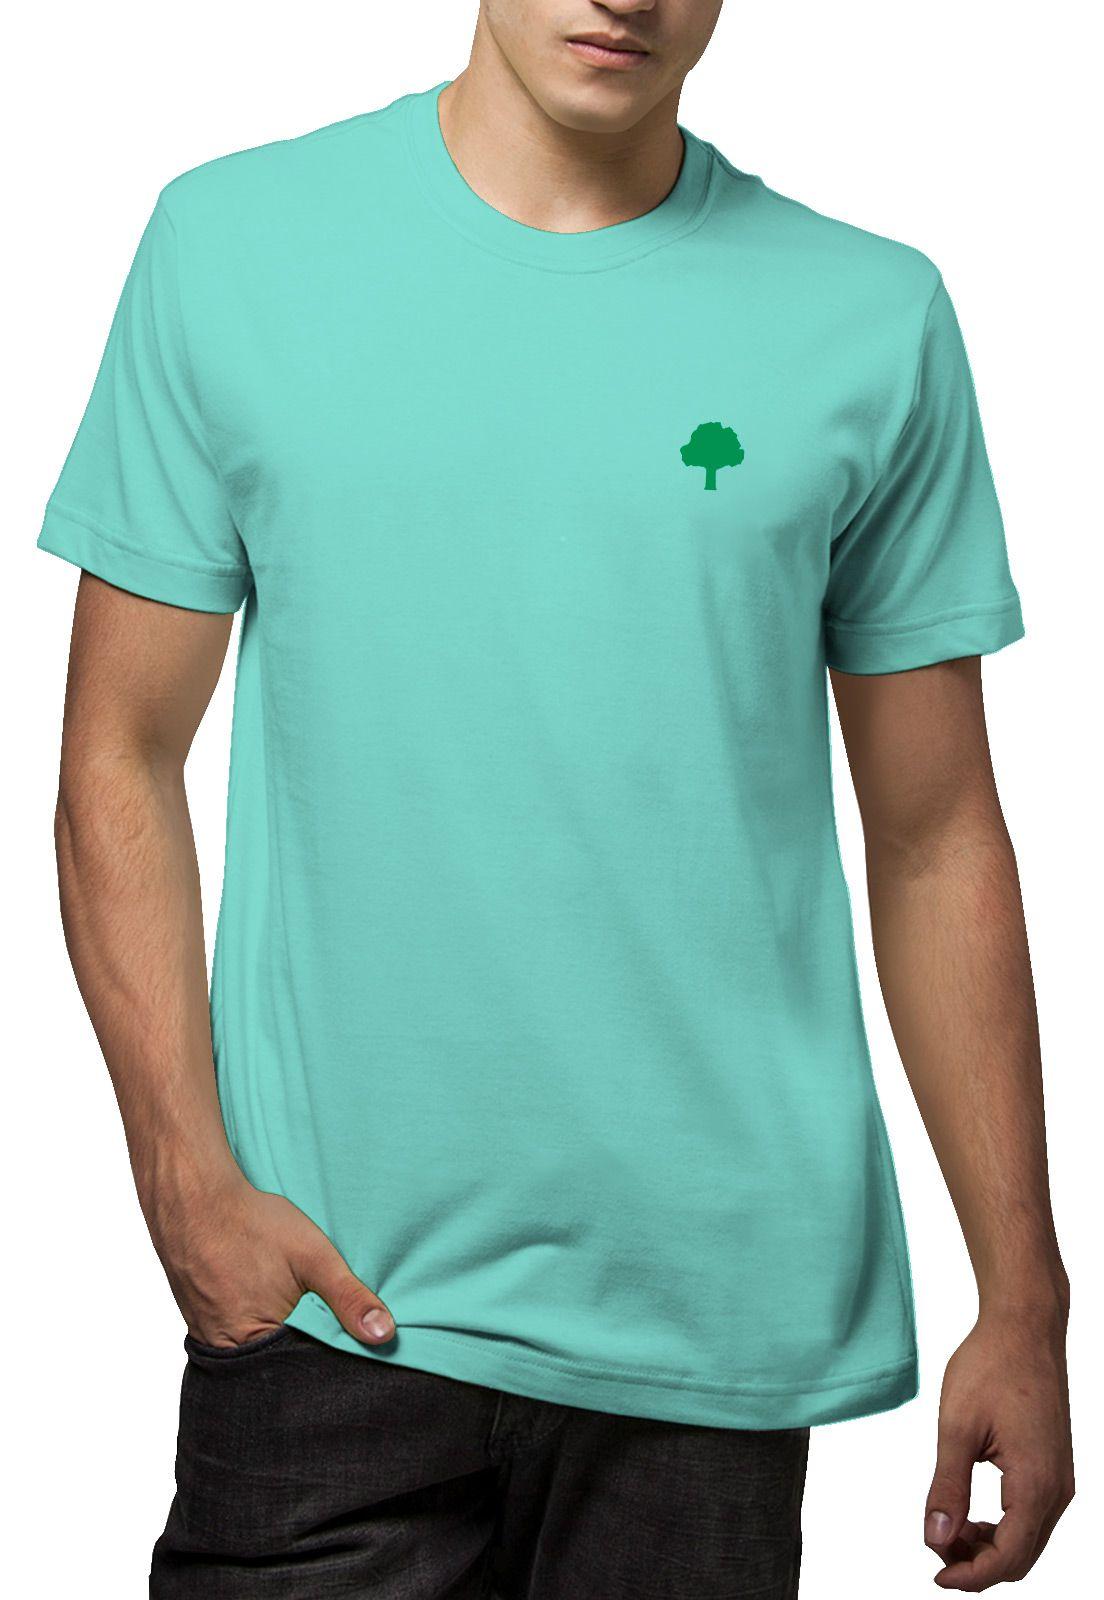 Camiseta Amazônia Árvore Planeta - Verde Claro